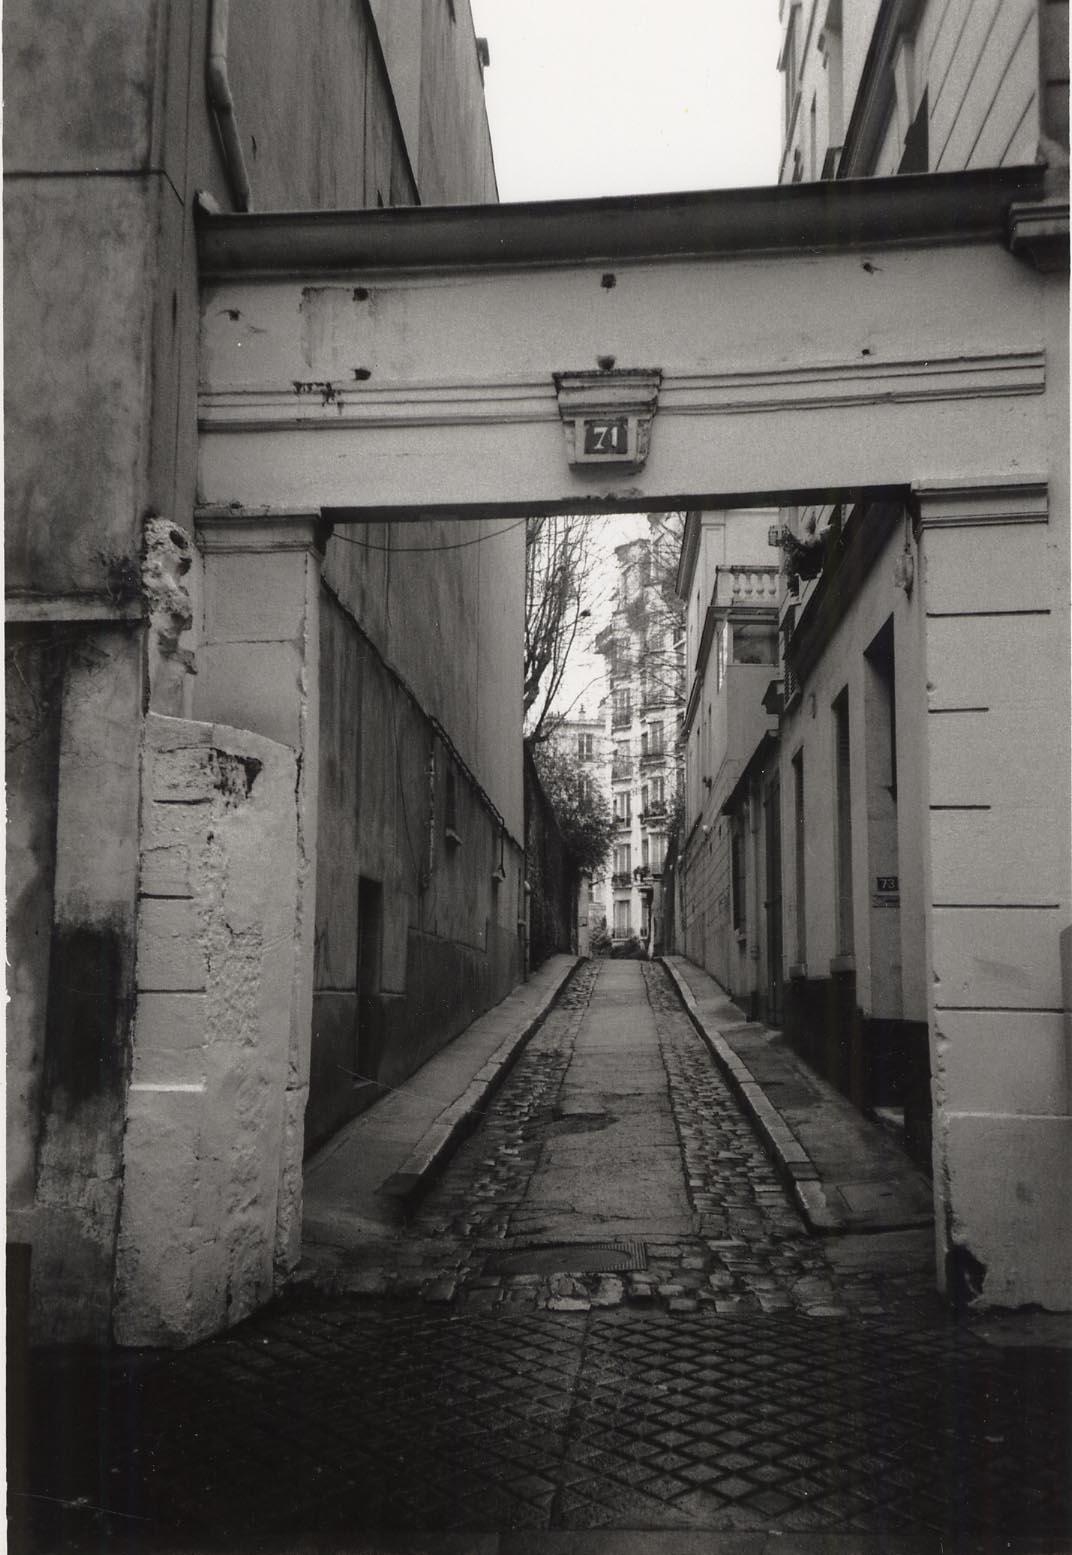 Studio entry, Rue du Cardinal Lemoine, Paris (1998)